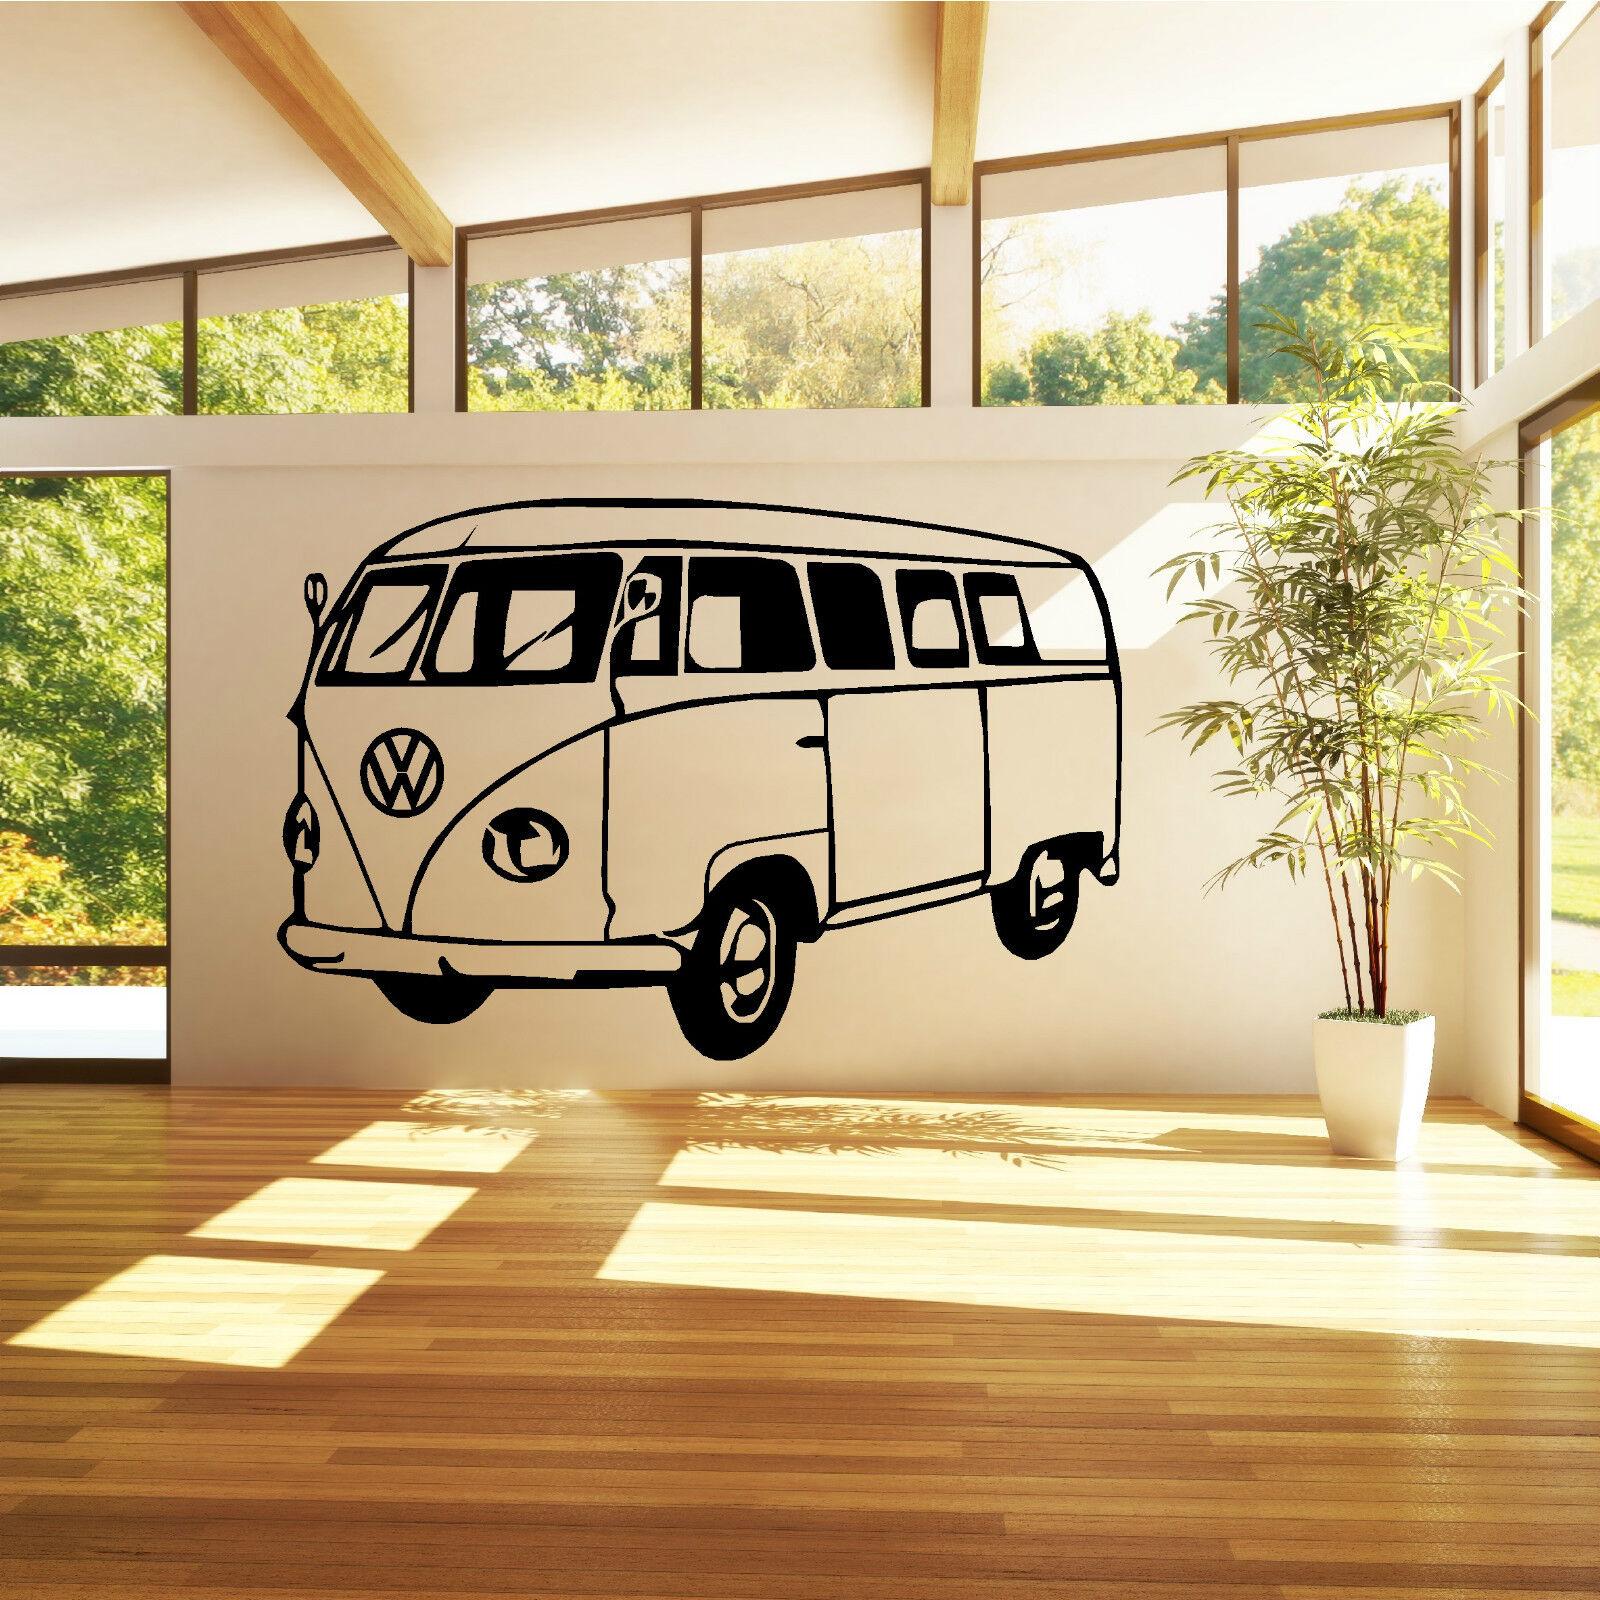 Vw Camper Van Vinyl Wall Art Sticker Decal Bedroom Living Room Study Kitchen Ebay